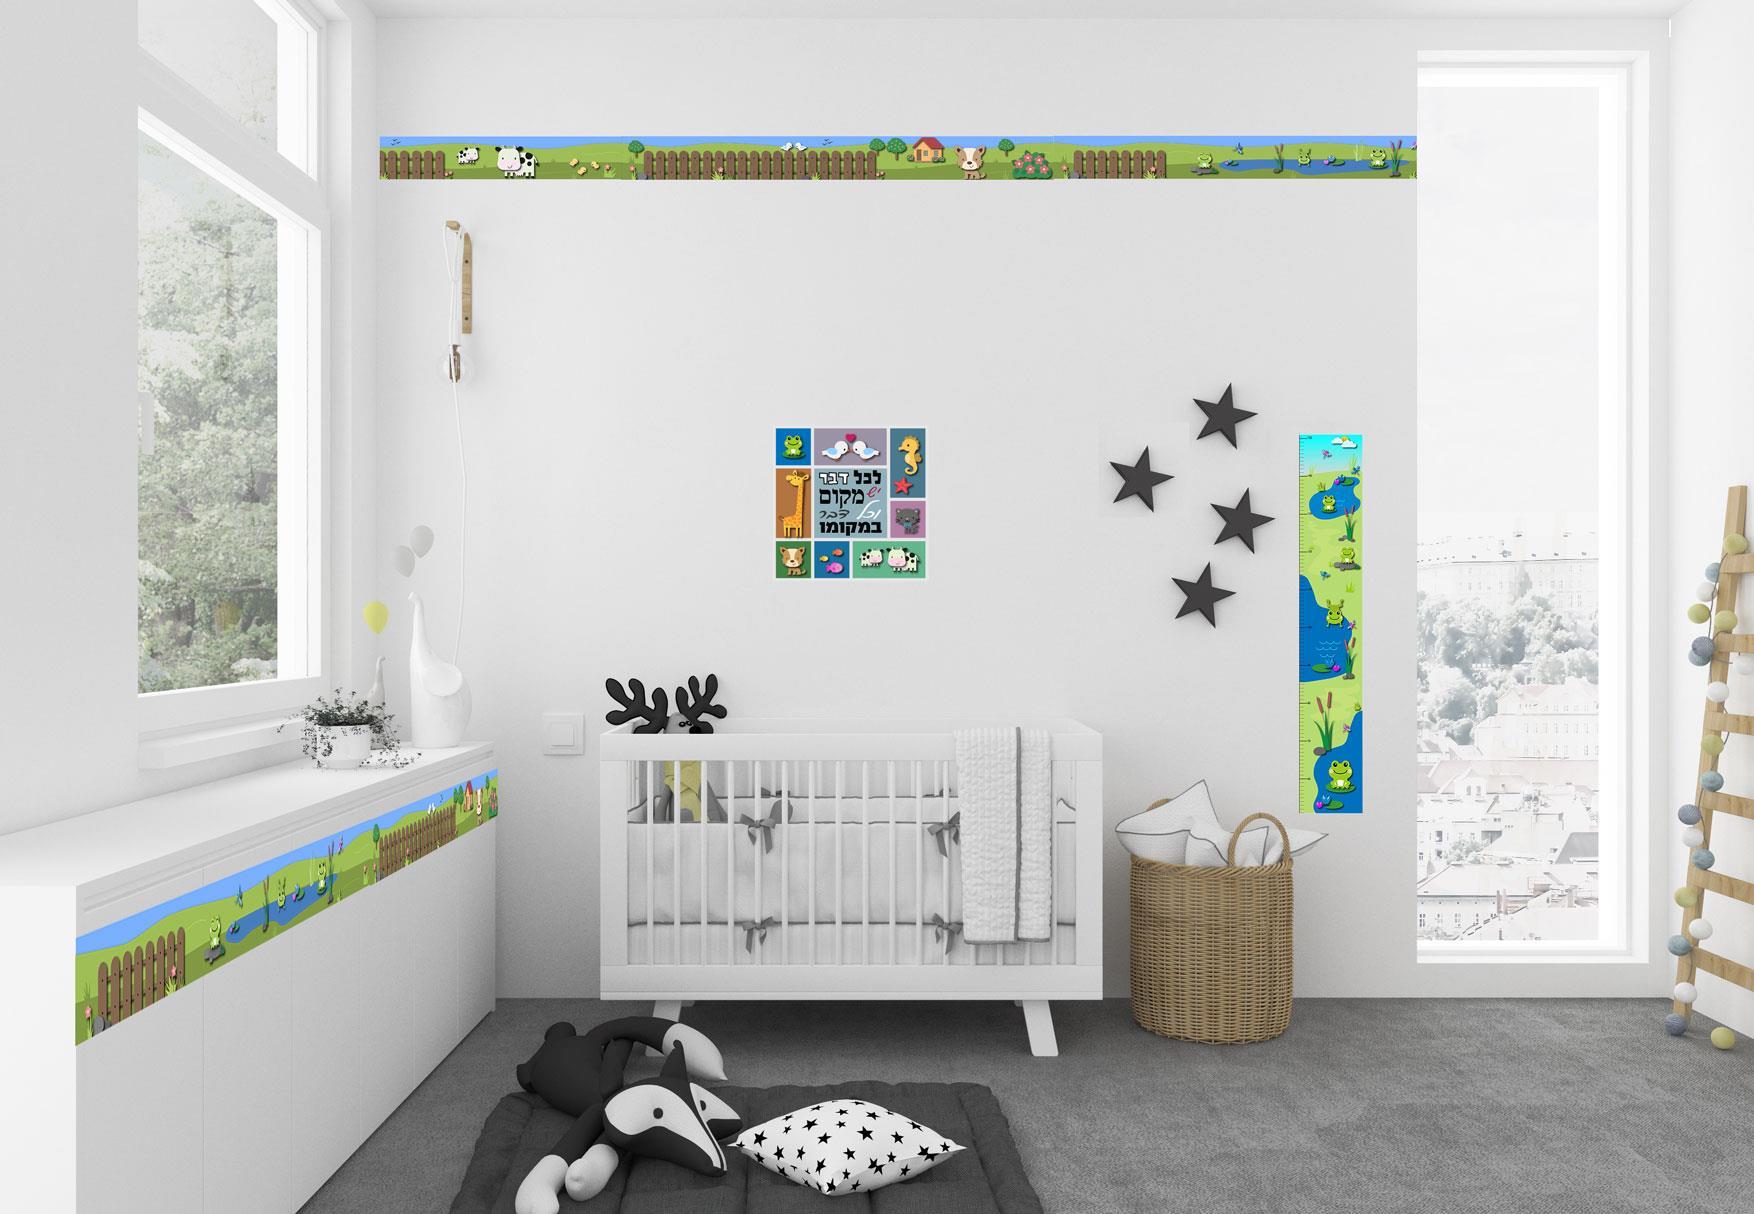 """סט מדבקות קיר: מד-גובה +  תמונה """"הכל במקום"""" + 6 מ' רצועות + 4 מדבקות כוכבים"""